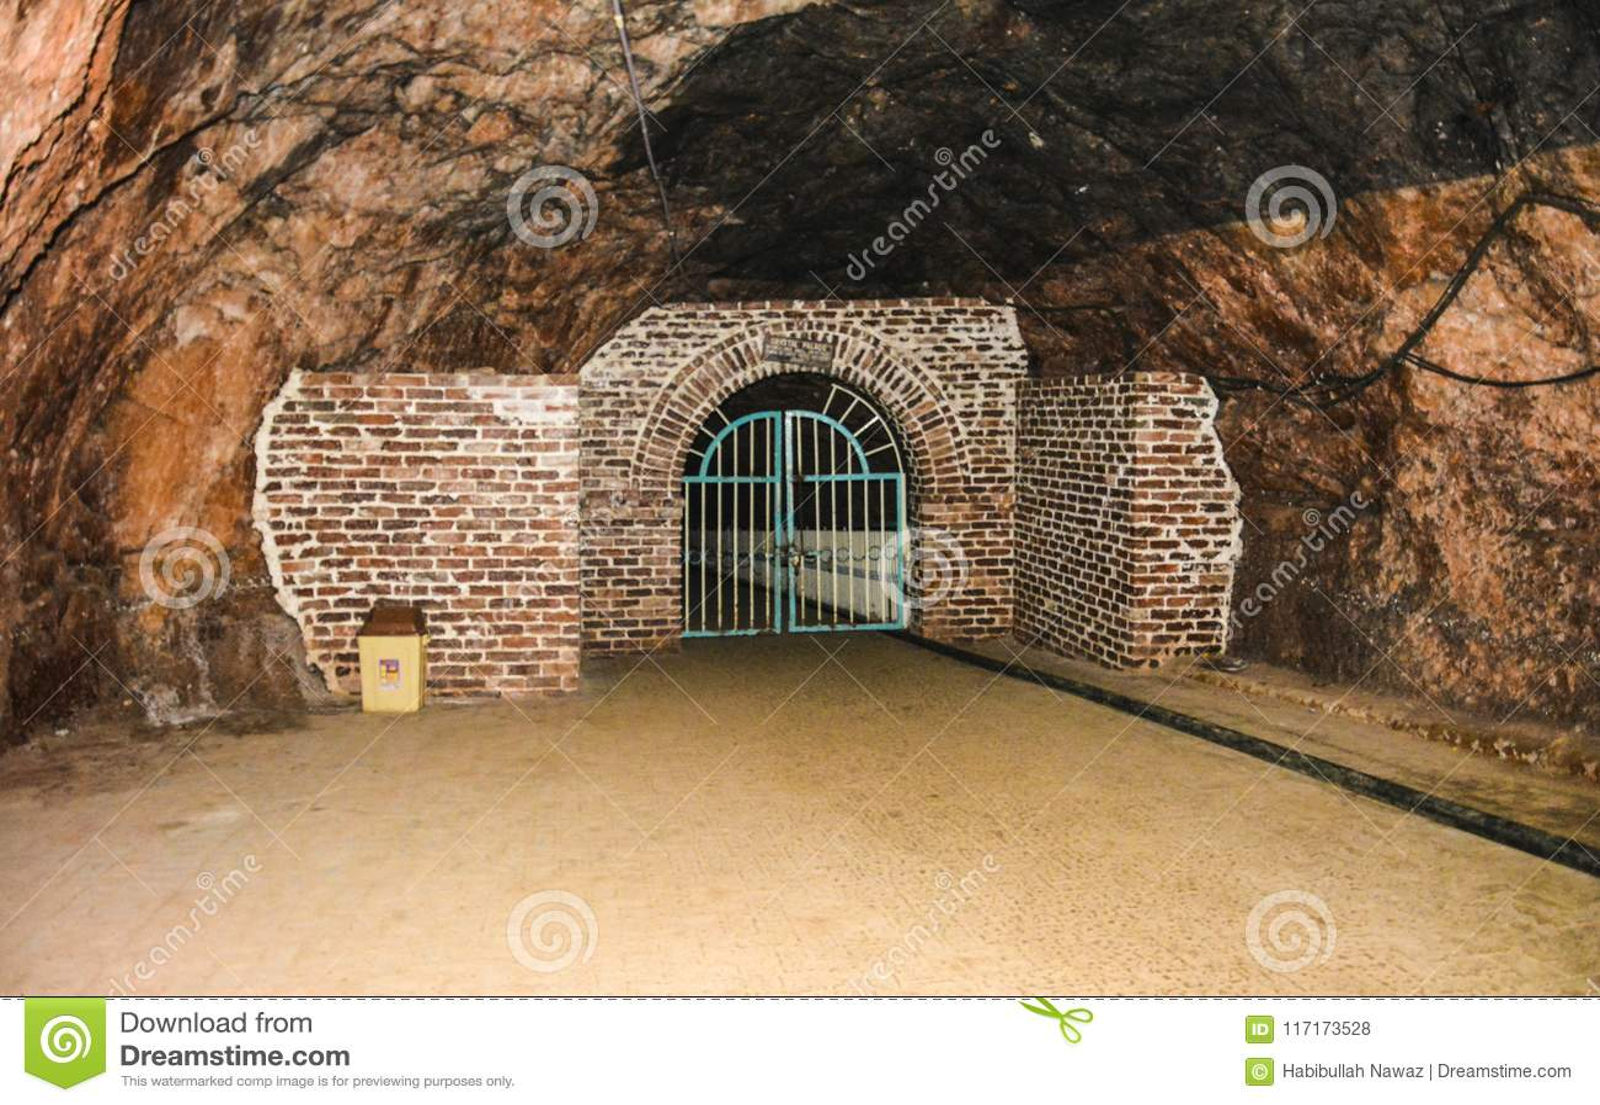 Κλειστή πύλη μέσα στο ορυχείο Khewra